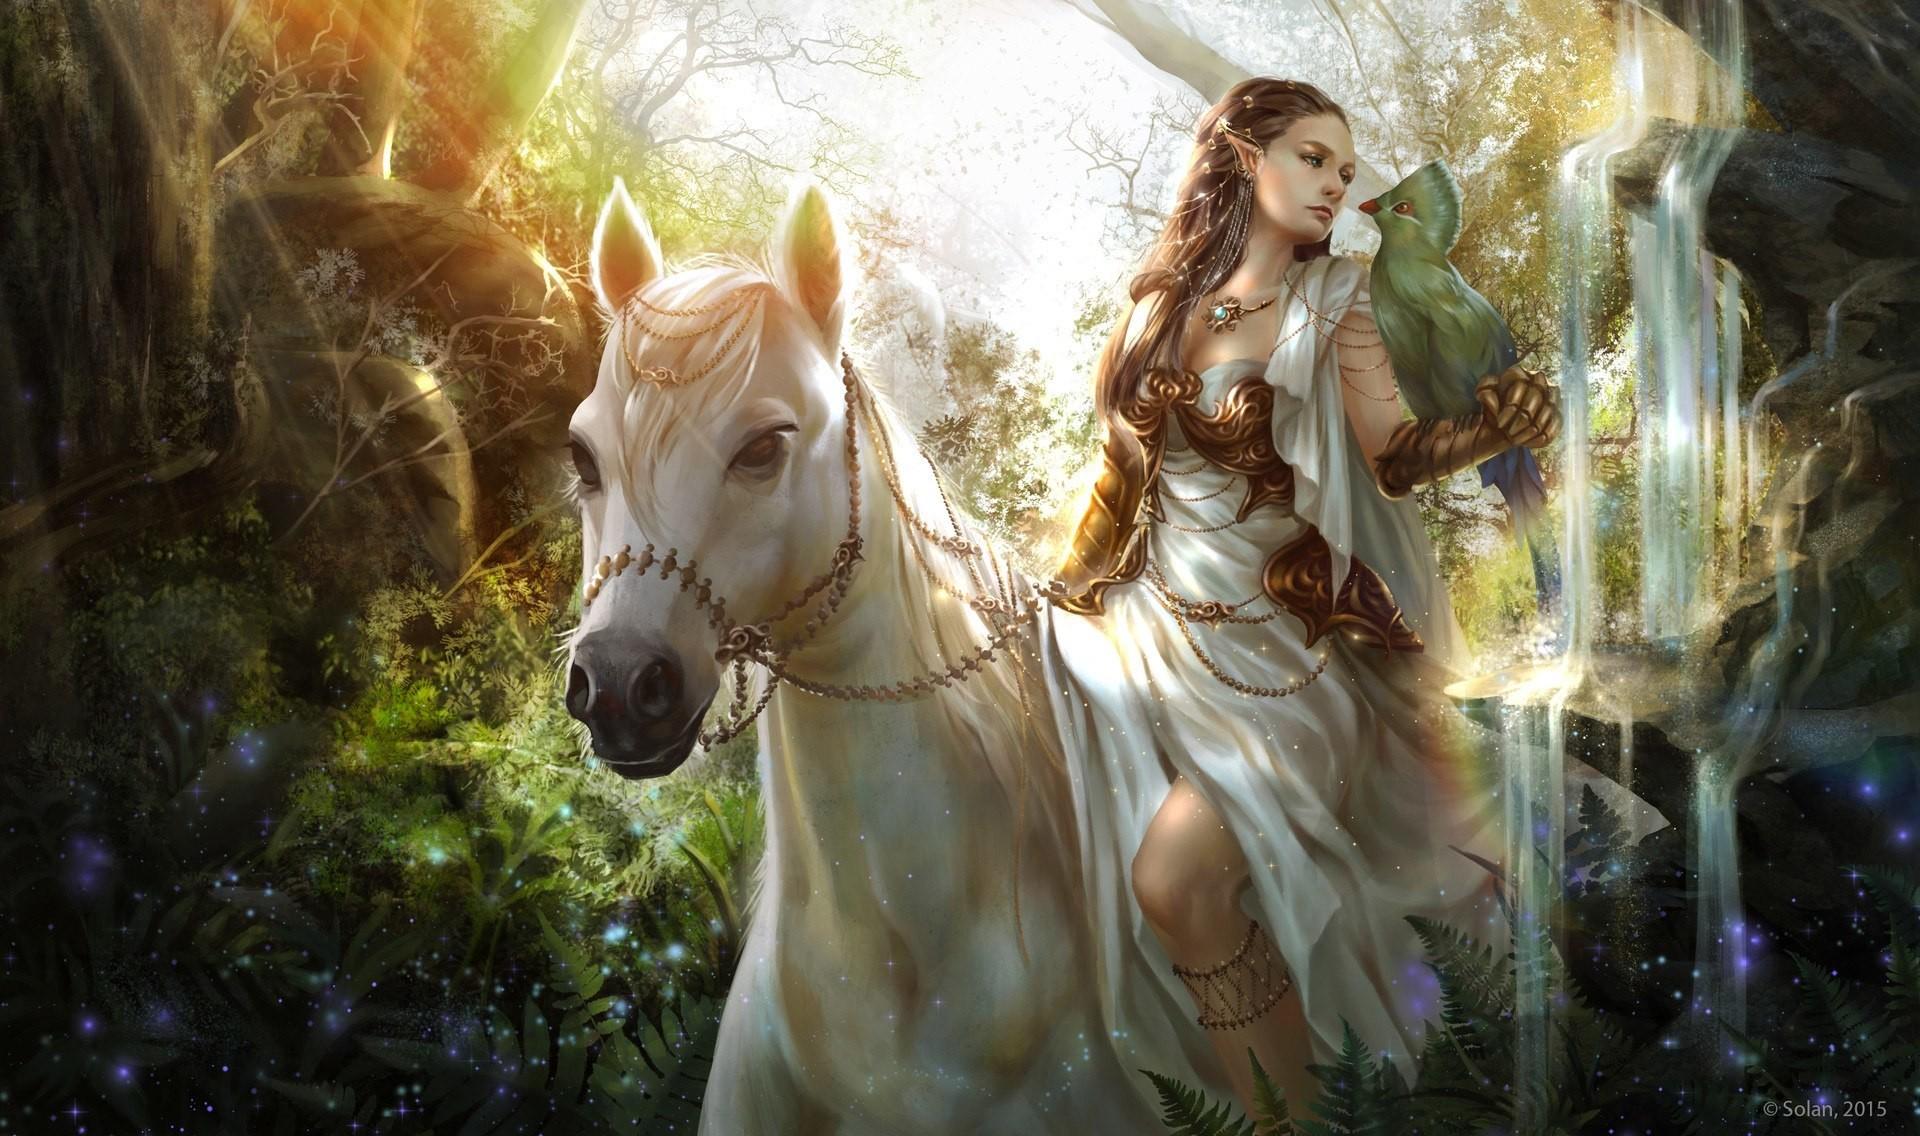 Красивые картинки - Страница 5 1920x1136-px-elves-fantasy-art-fantasy-girl-1258117